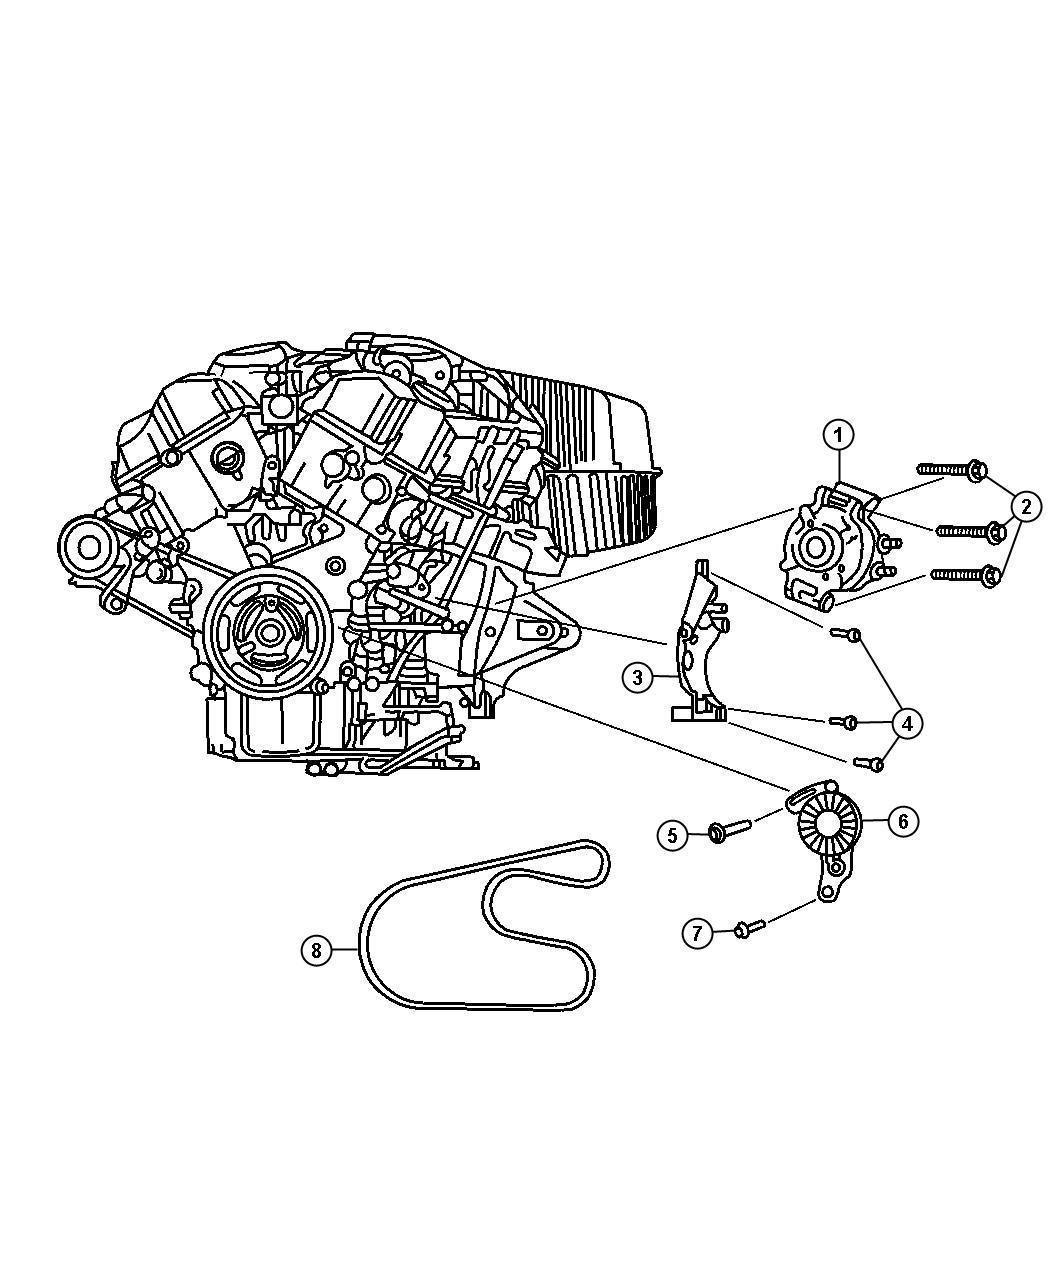 Chrysler Sebring Belt Used For Alternator And A C